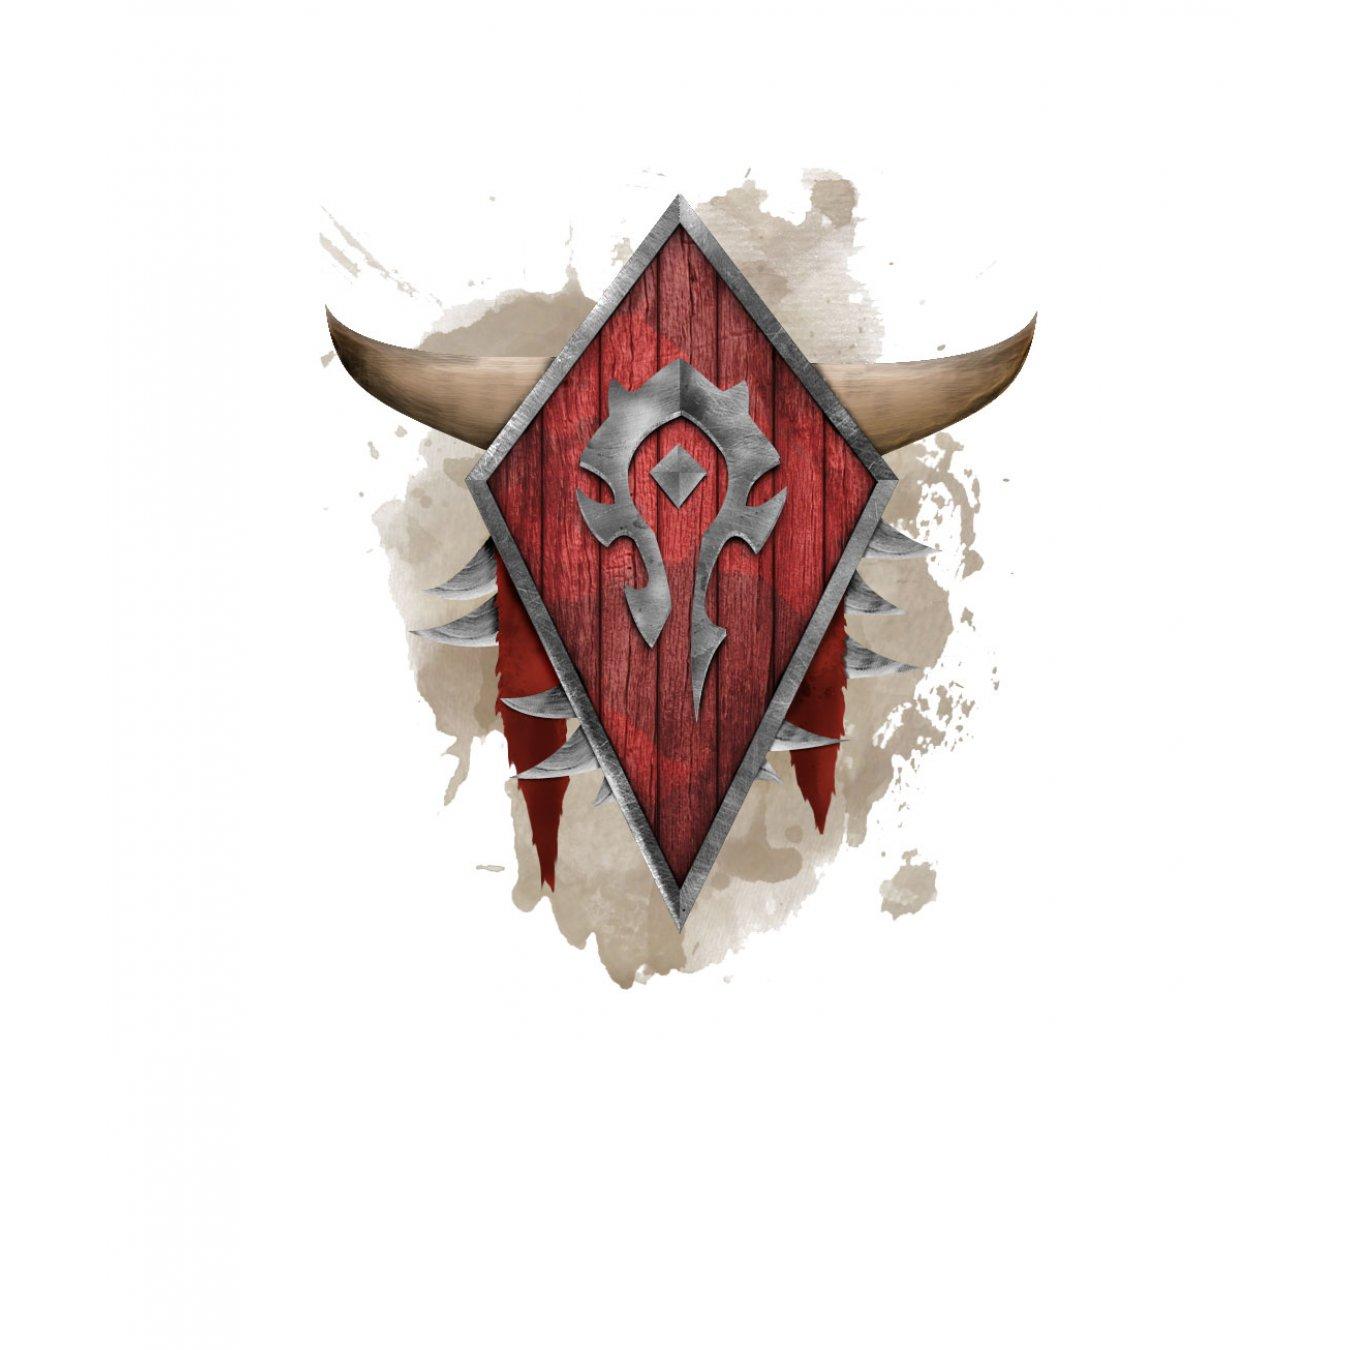 a610d4608cb Тениска WOW - World of WarCraft - Бяла, с рисувани лого на Хордата върху щит